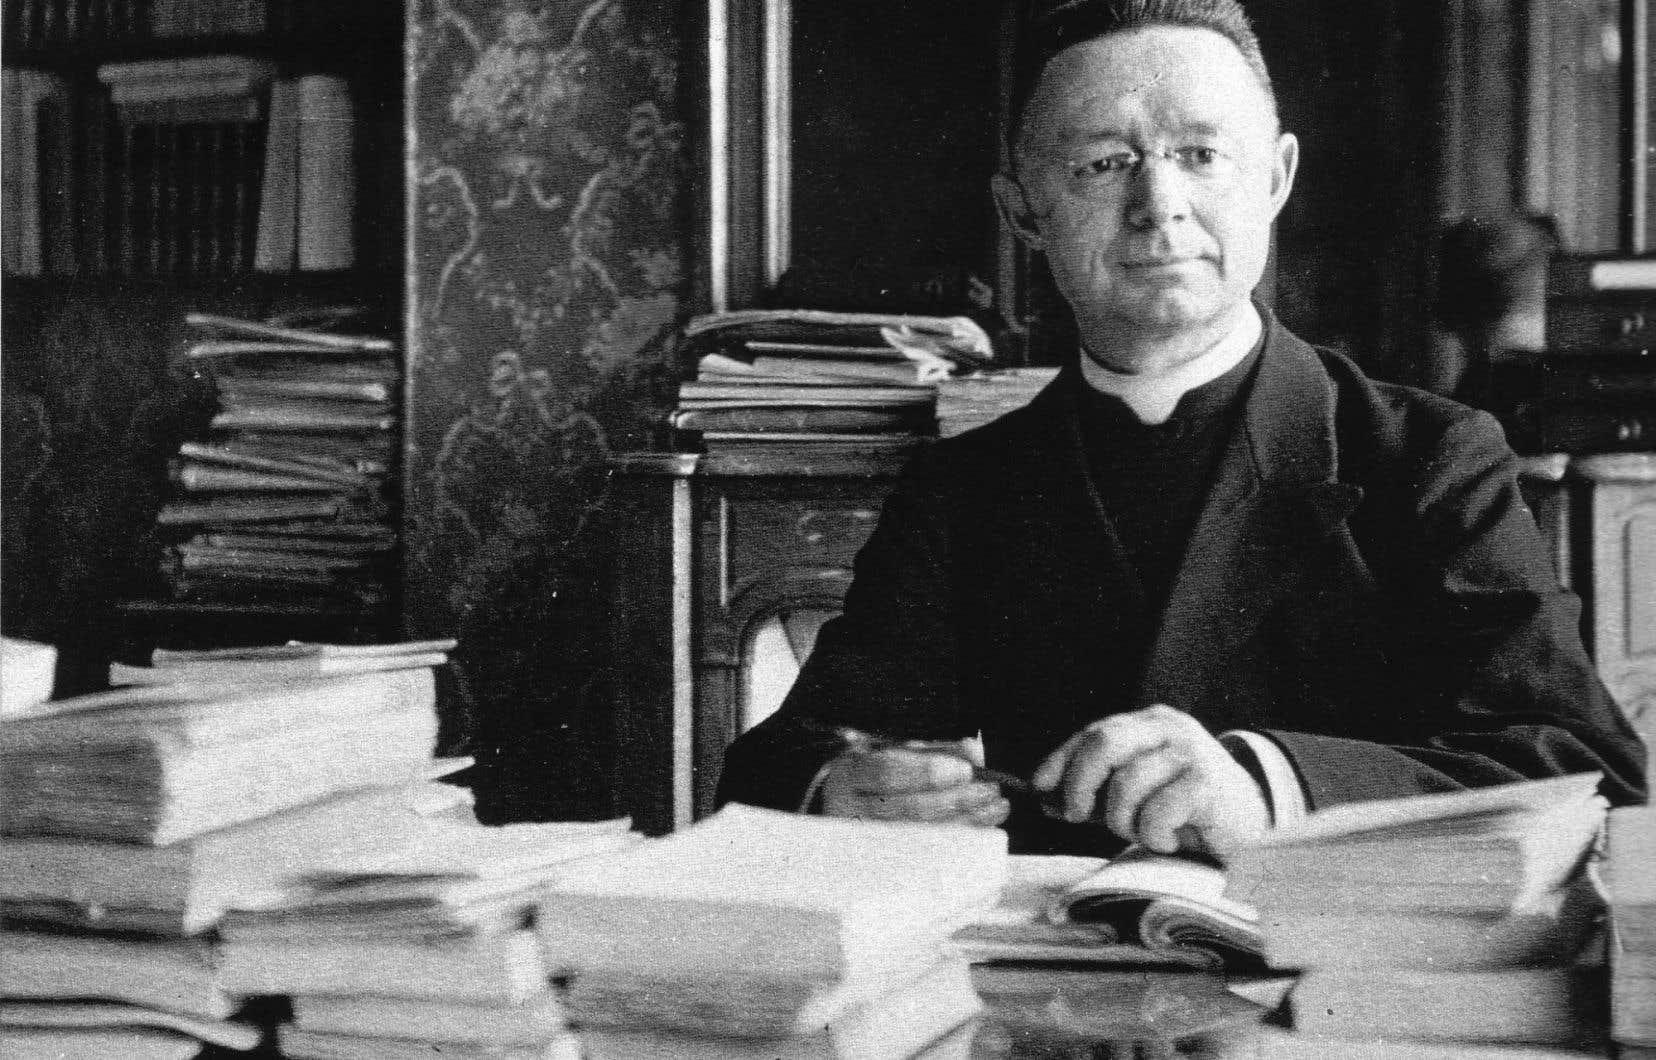 L'abbé Lionel Groulx a participé à la création de la revue mensuelle «L'Action française», premier nom de «L'Action nationale». Historien, Groulx devient le premier rédacteur de la revue.